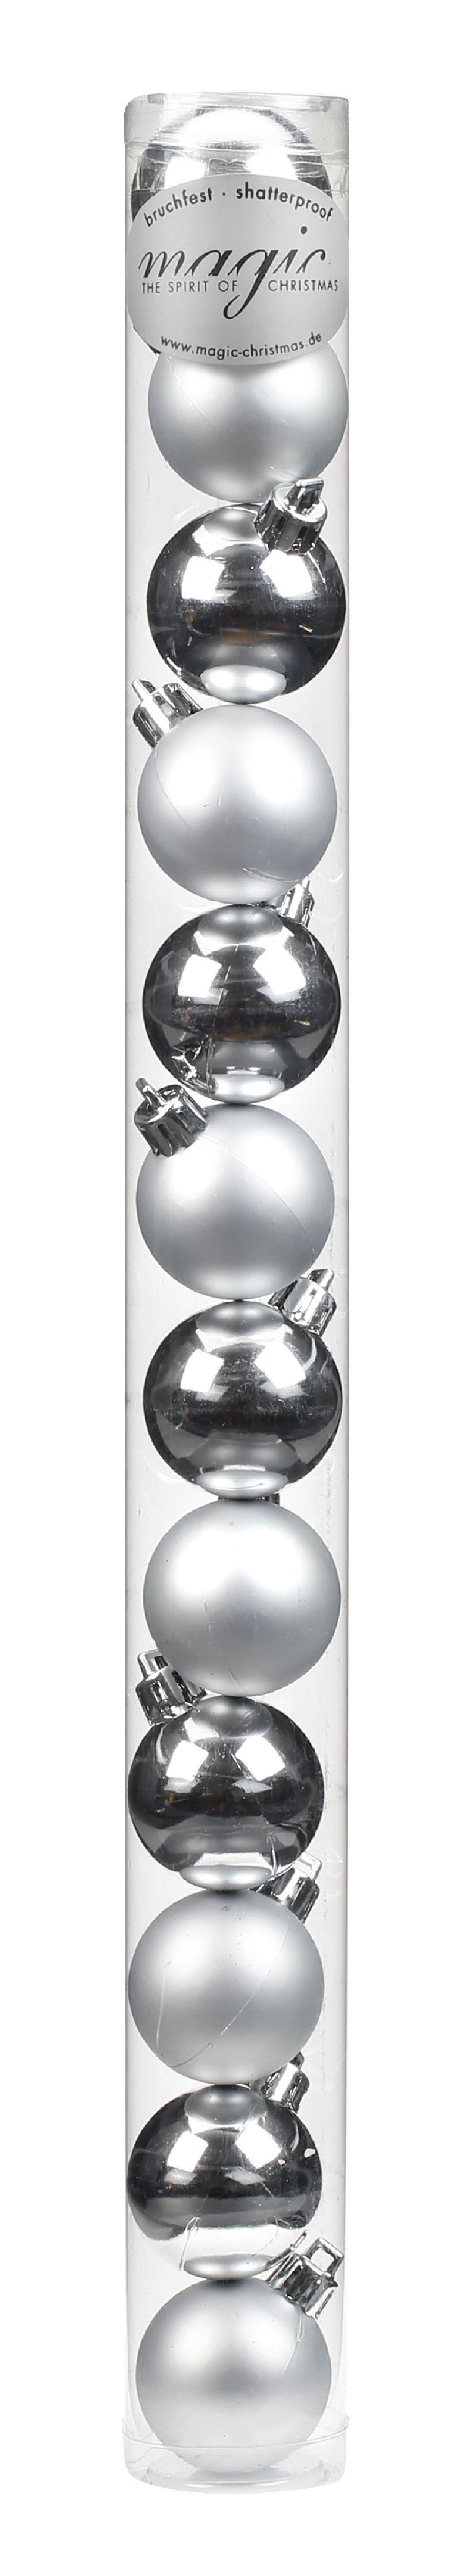 Kugel - Kunststoff - bruchfest 12 Stück SILBER 8101202 Ø40mm, Kunststoff